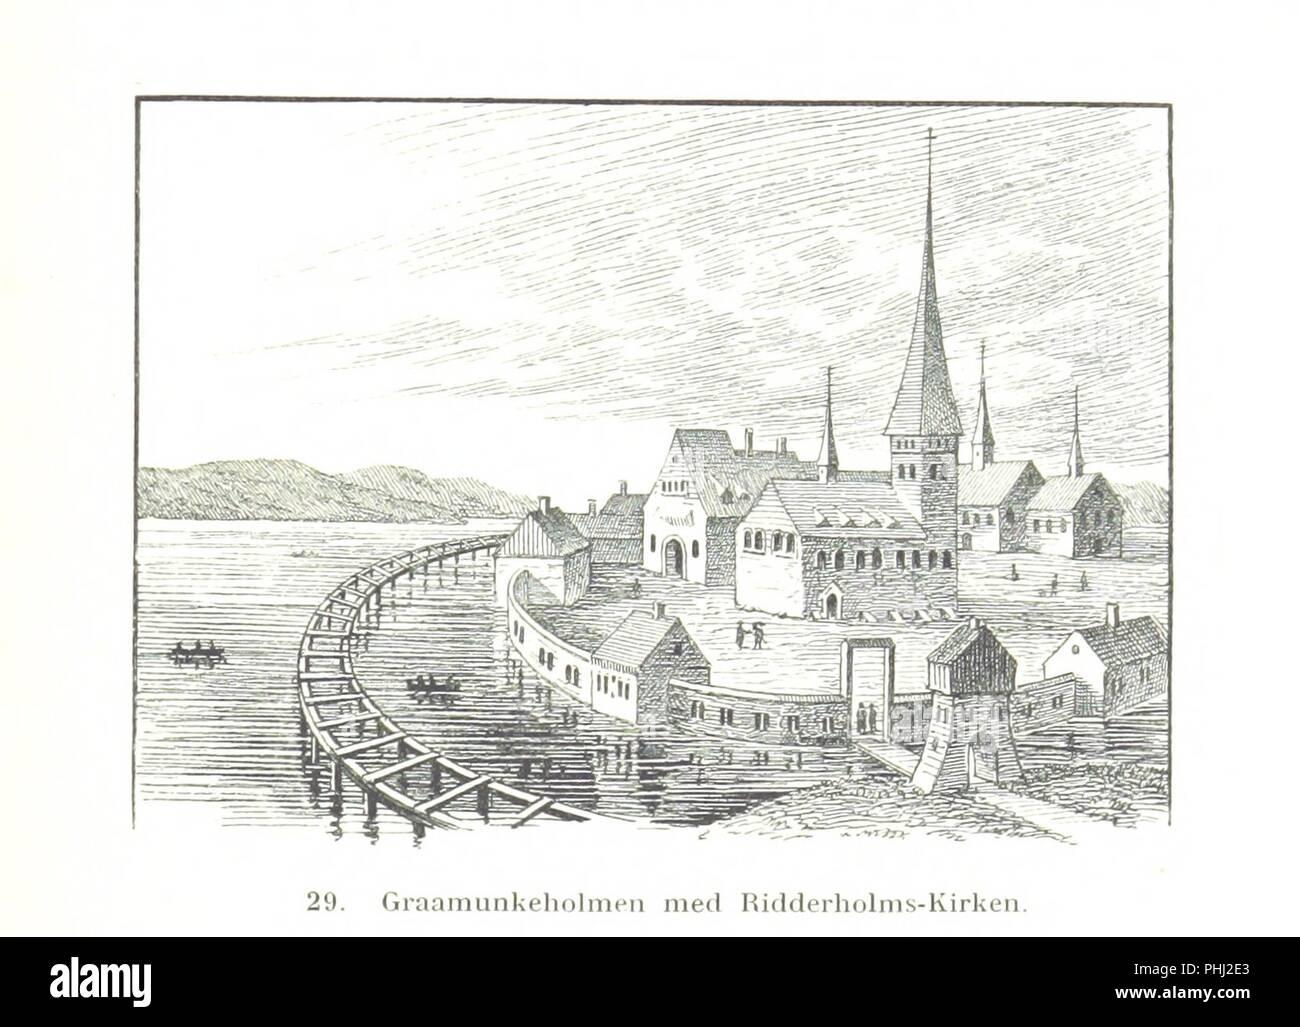 Image  from page 107 of 'Danmarks Riges Historie af J. Steenstrup, Kr. Erslev, A. Heise, V. Mollerup, J. A. Fridericia, E. Holm, A. D. Jørgensen. Historisk illustreret' . - Stock Image